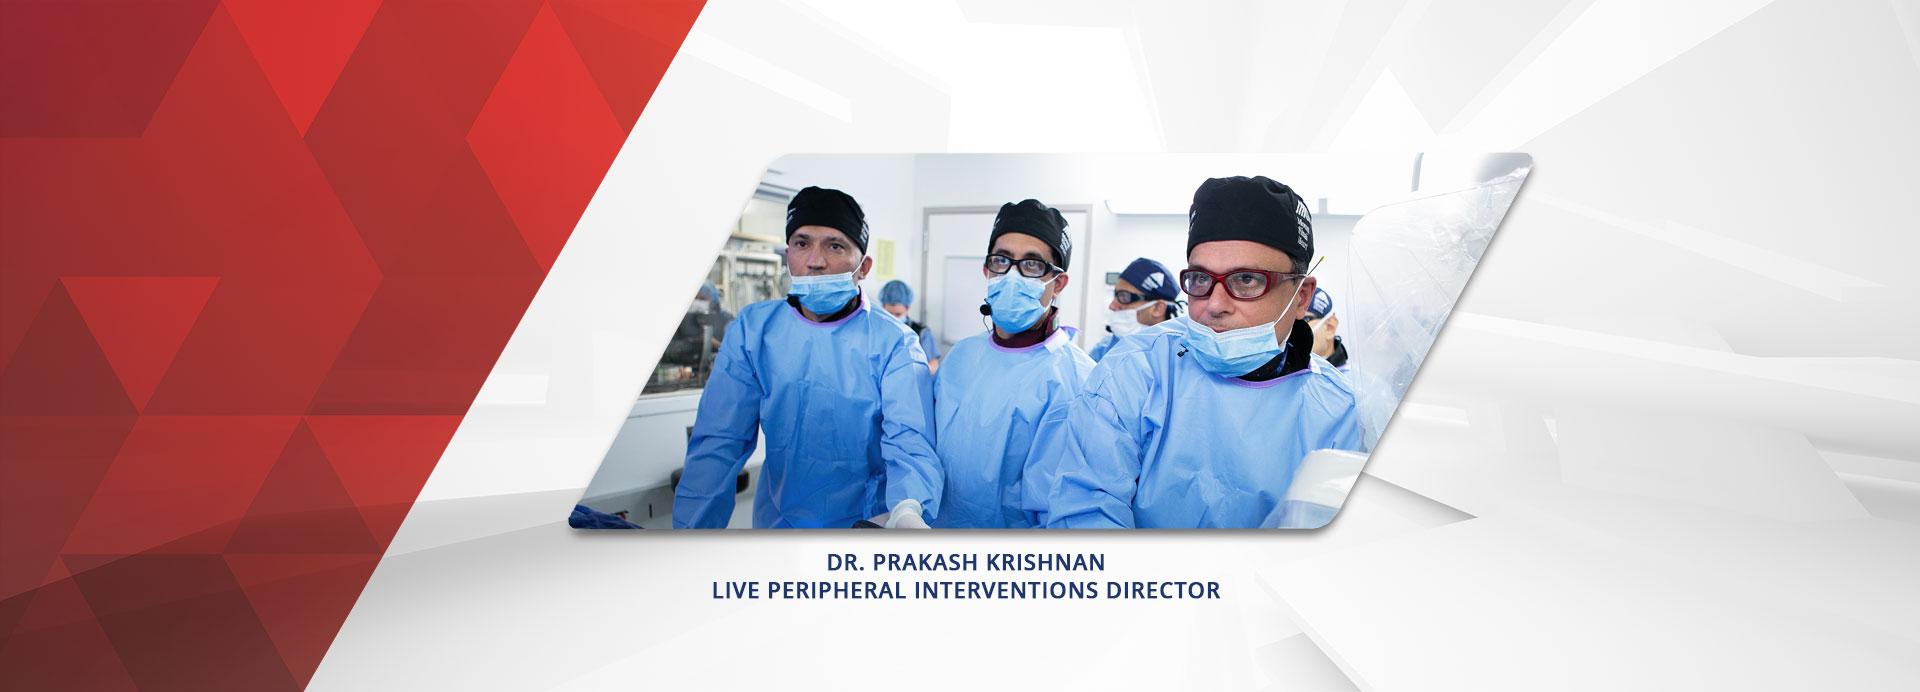 dr-prakash-krishnan-banner